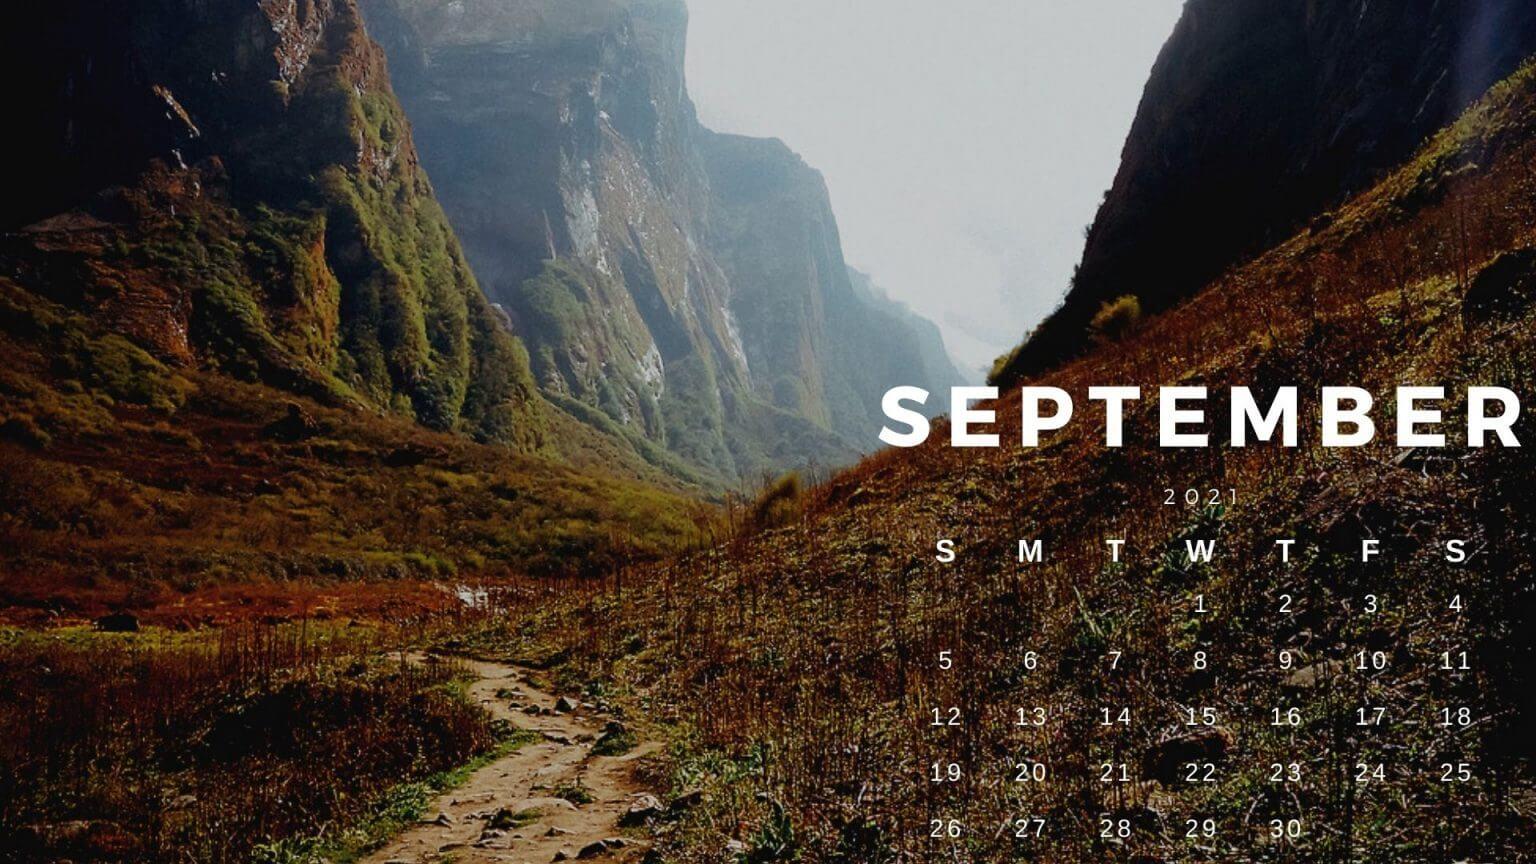 September 2021 Calendar HD Wallpaper